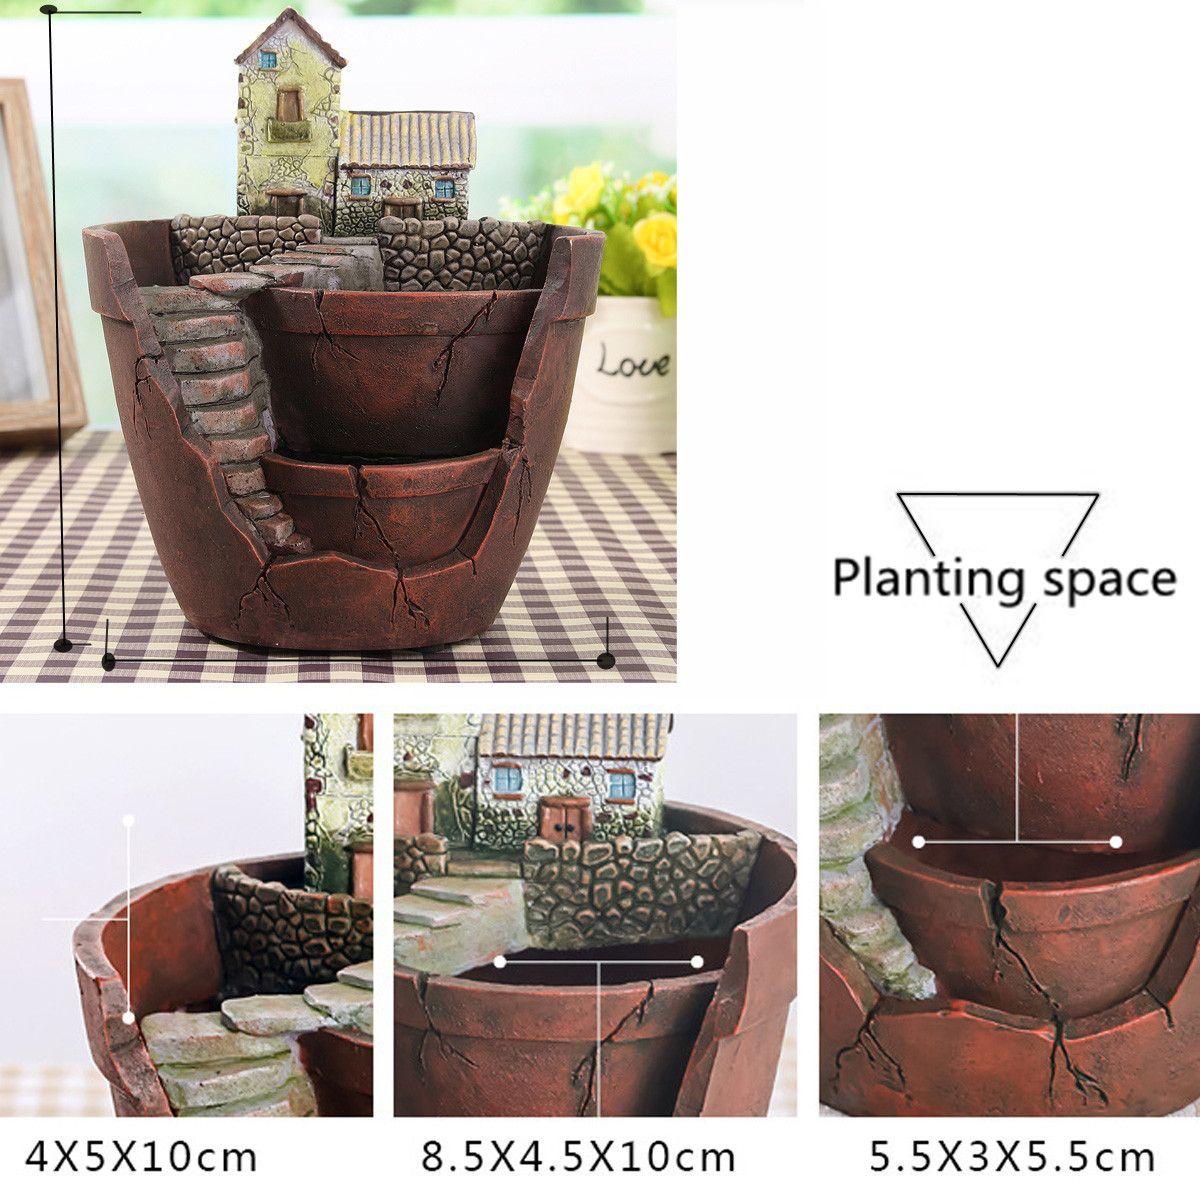 Patio & Garden Home decor christmas gifts, Sky garden